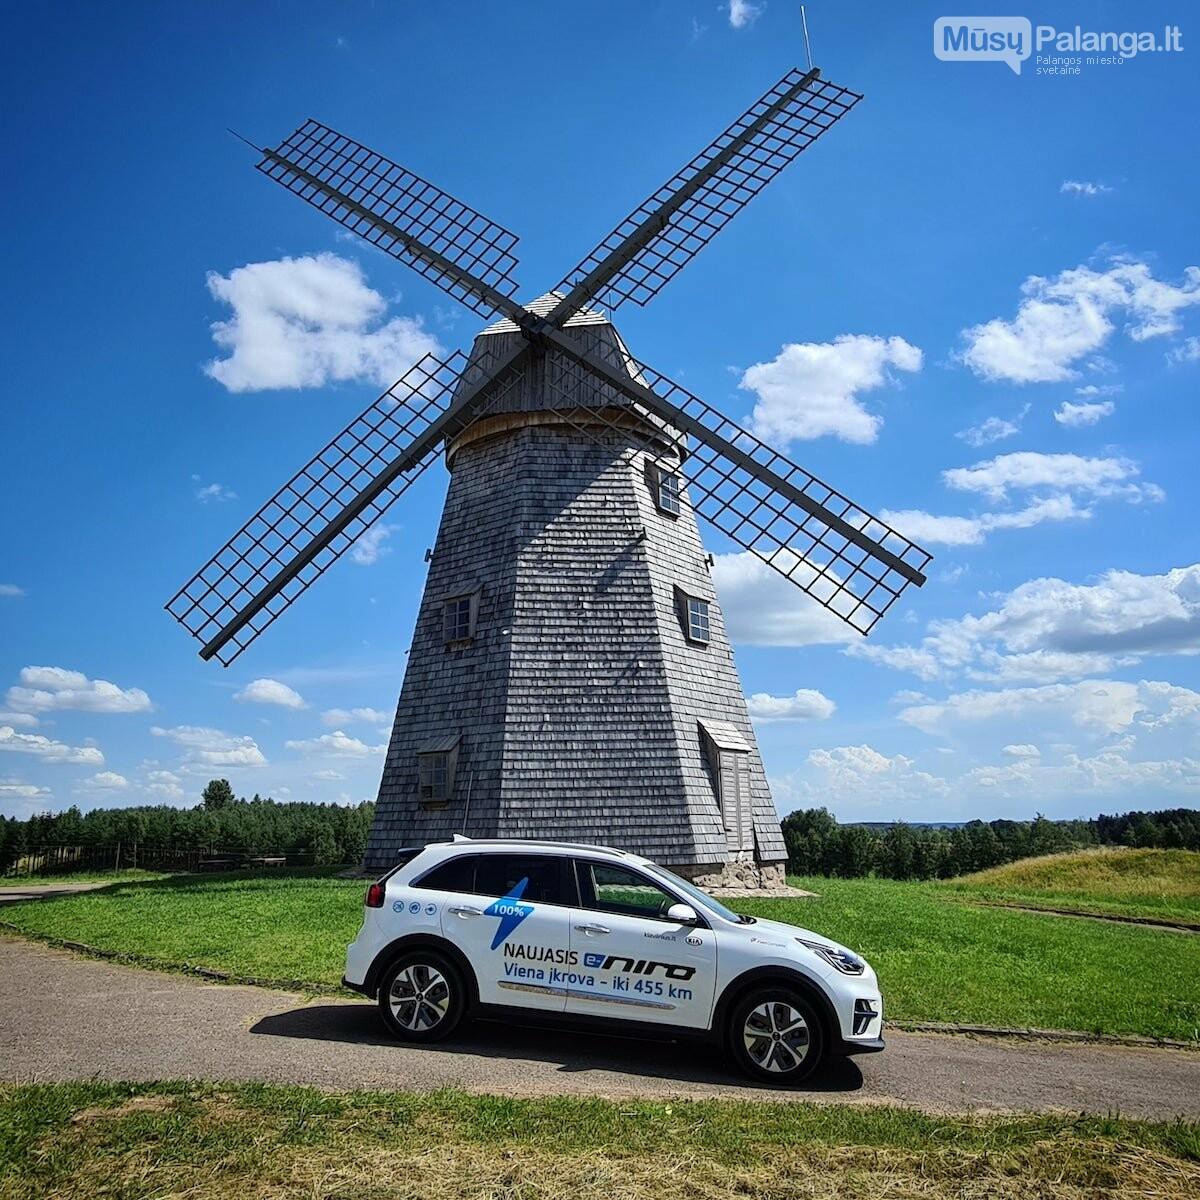 Naujas rekordas: elektromobiliu aplink Lietuvą per 22 valandas, nuotrauka-7, Vytauto PILKAUSKO ir rekordo autorių nuotr.